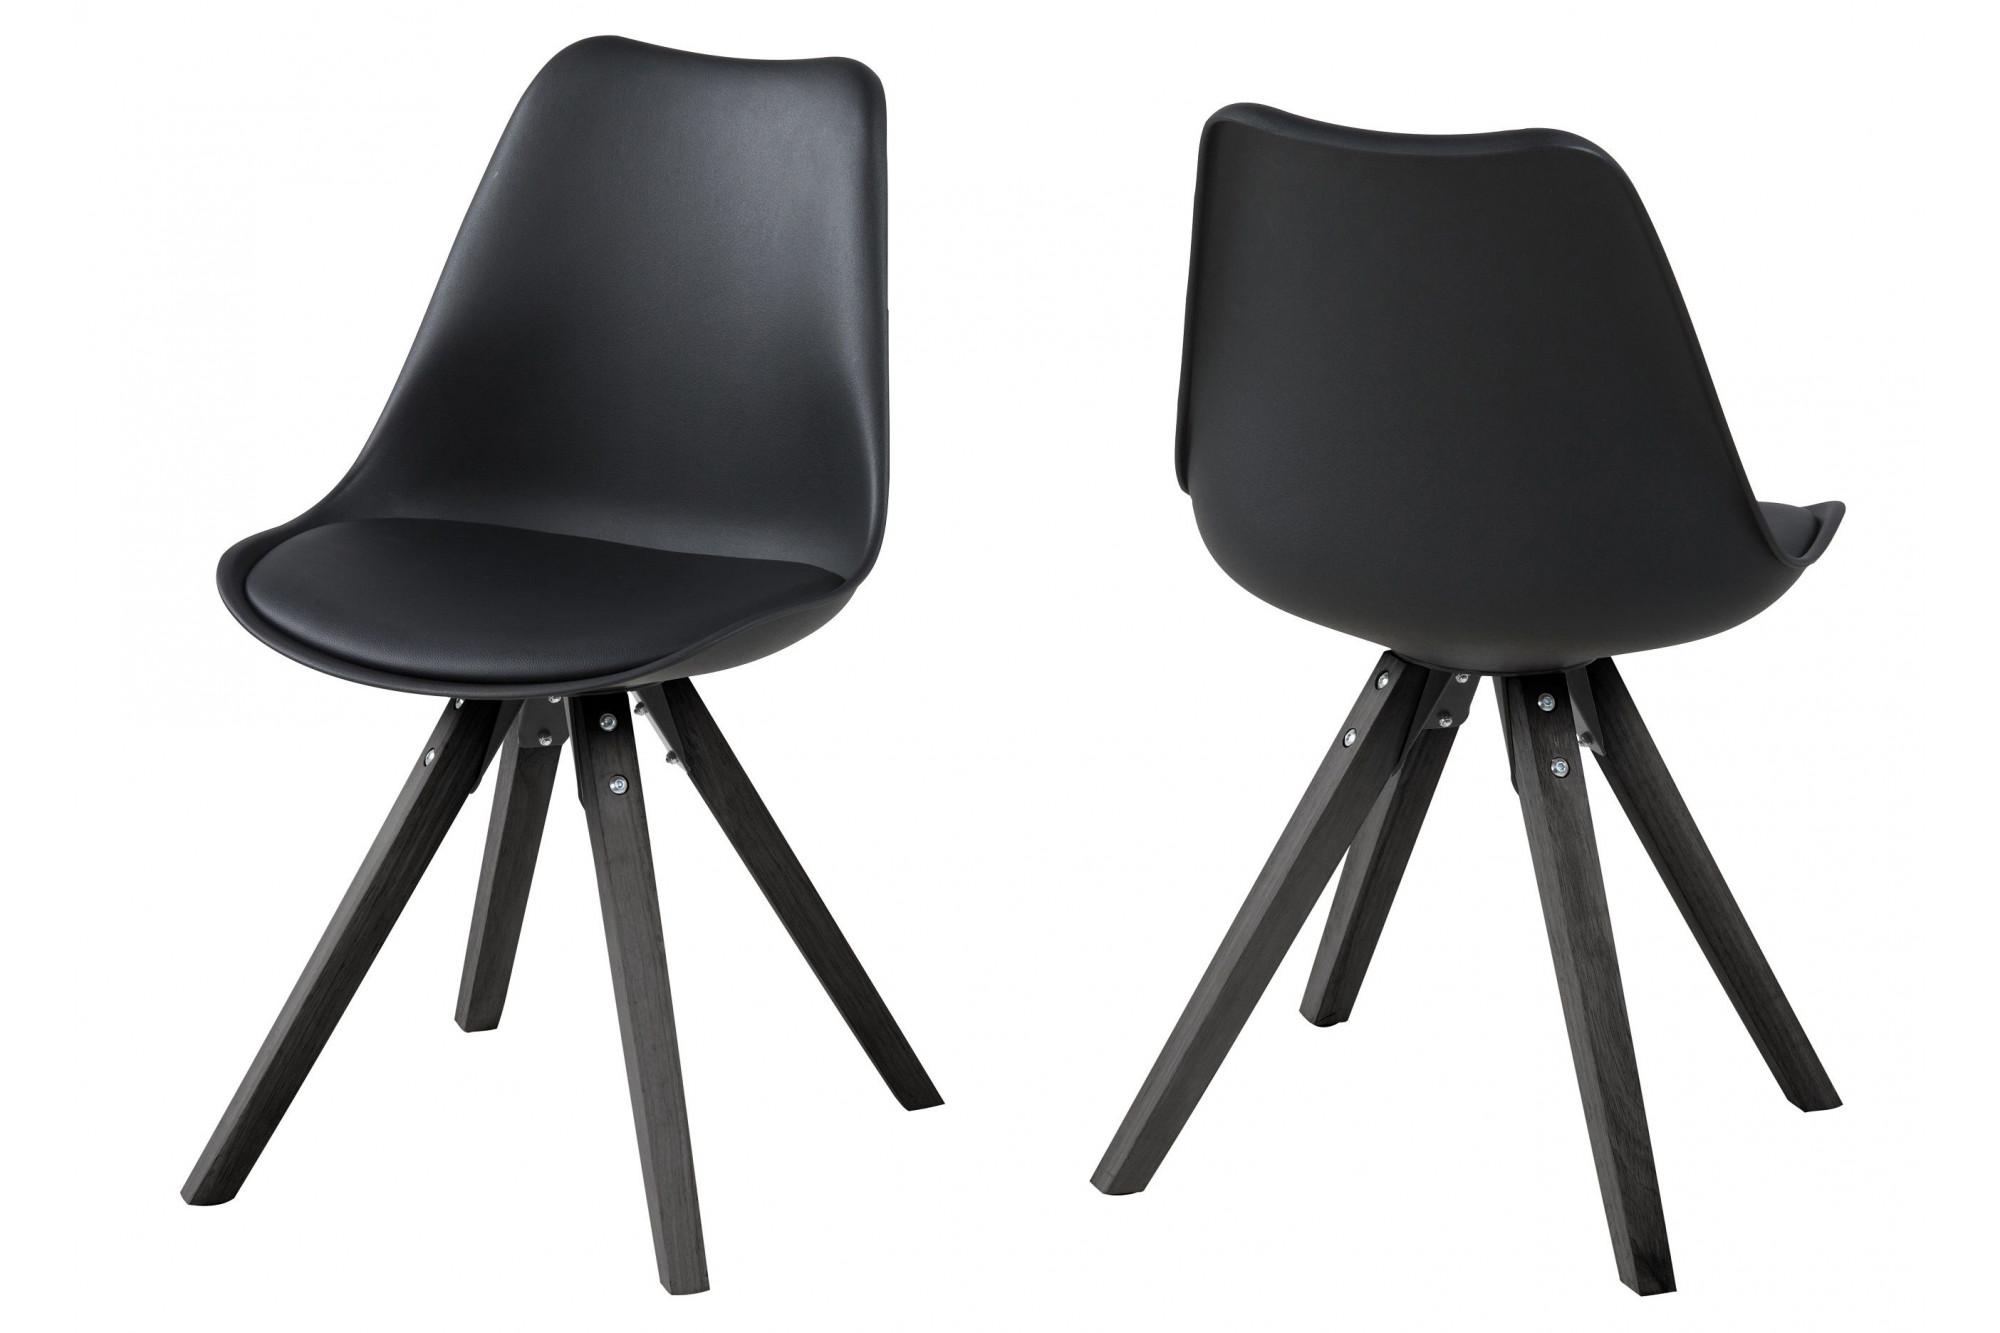 Le Design Tout En Confort Avec Cette Chaise De Salle A Manger EARL